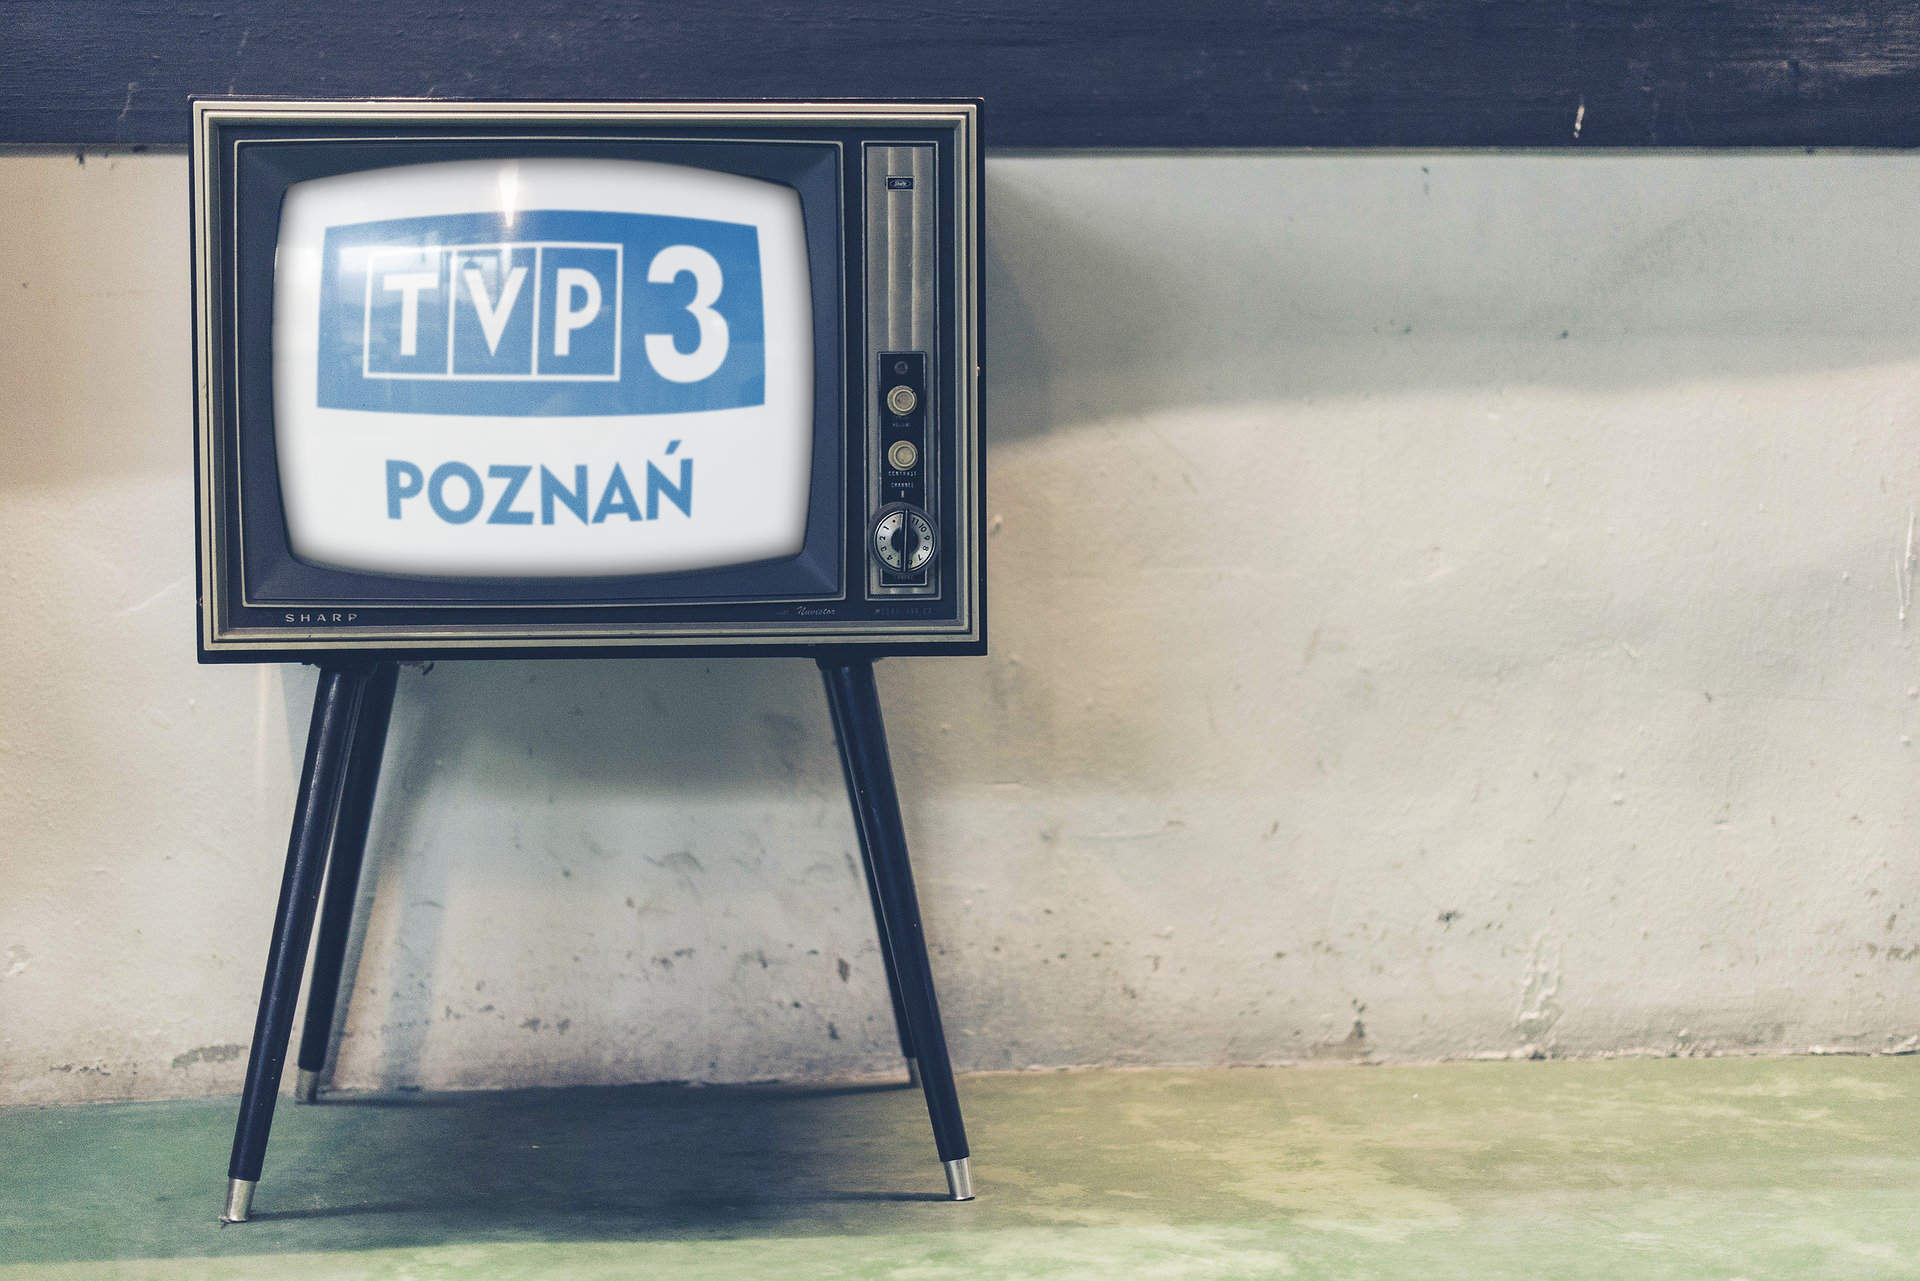 TELEWIZJA POLSKA POZNAŃ ZATRUDNI NAUCZYCIELI DOPROWADZENIA LEKCJI DLA SZKÓŁ PONADPODSTAWOWYCH